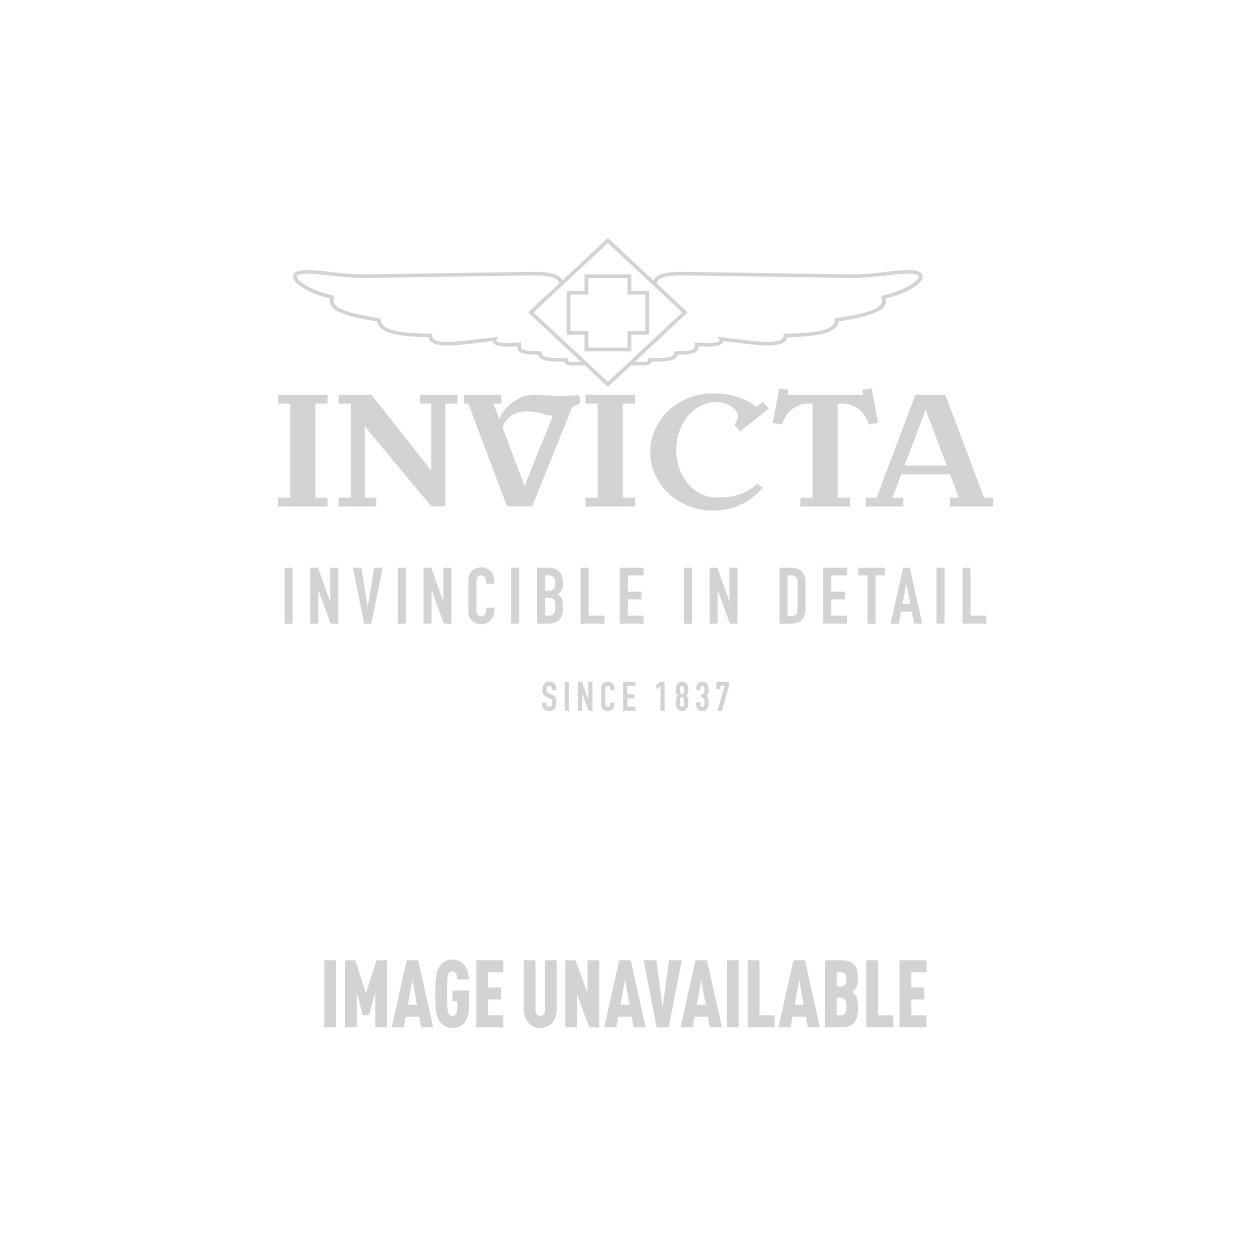 Invicta Model  24352